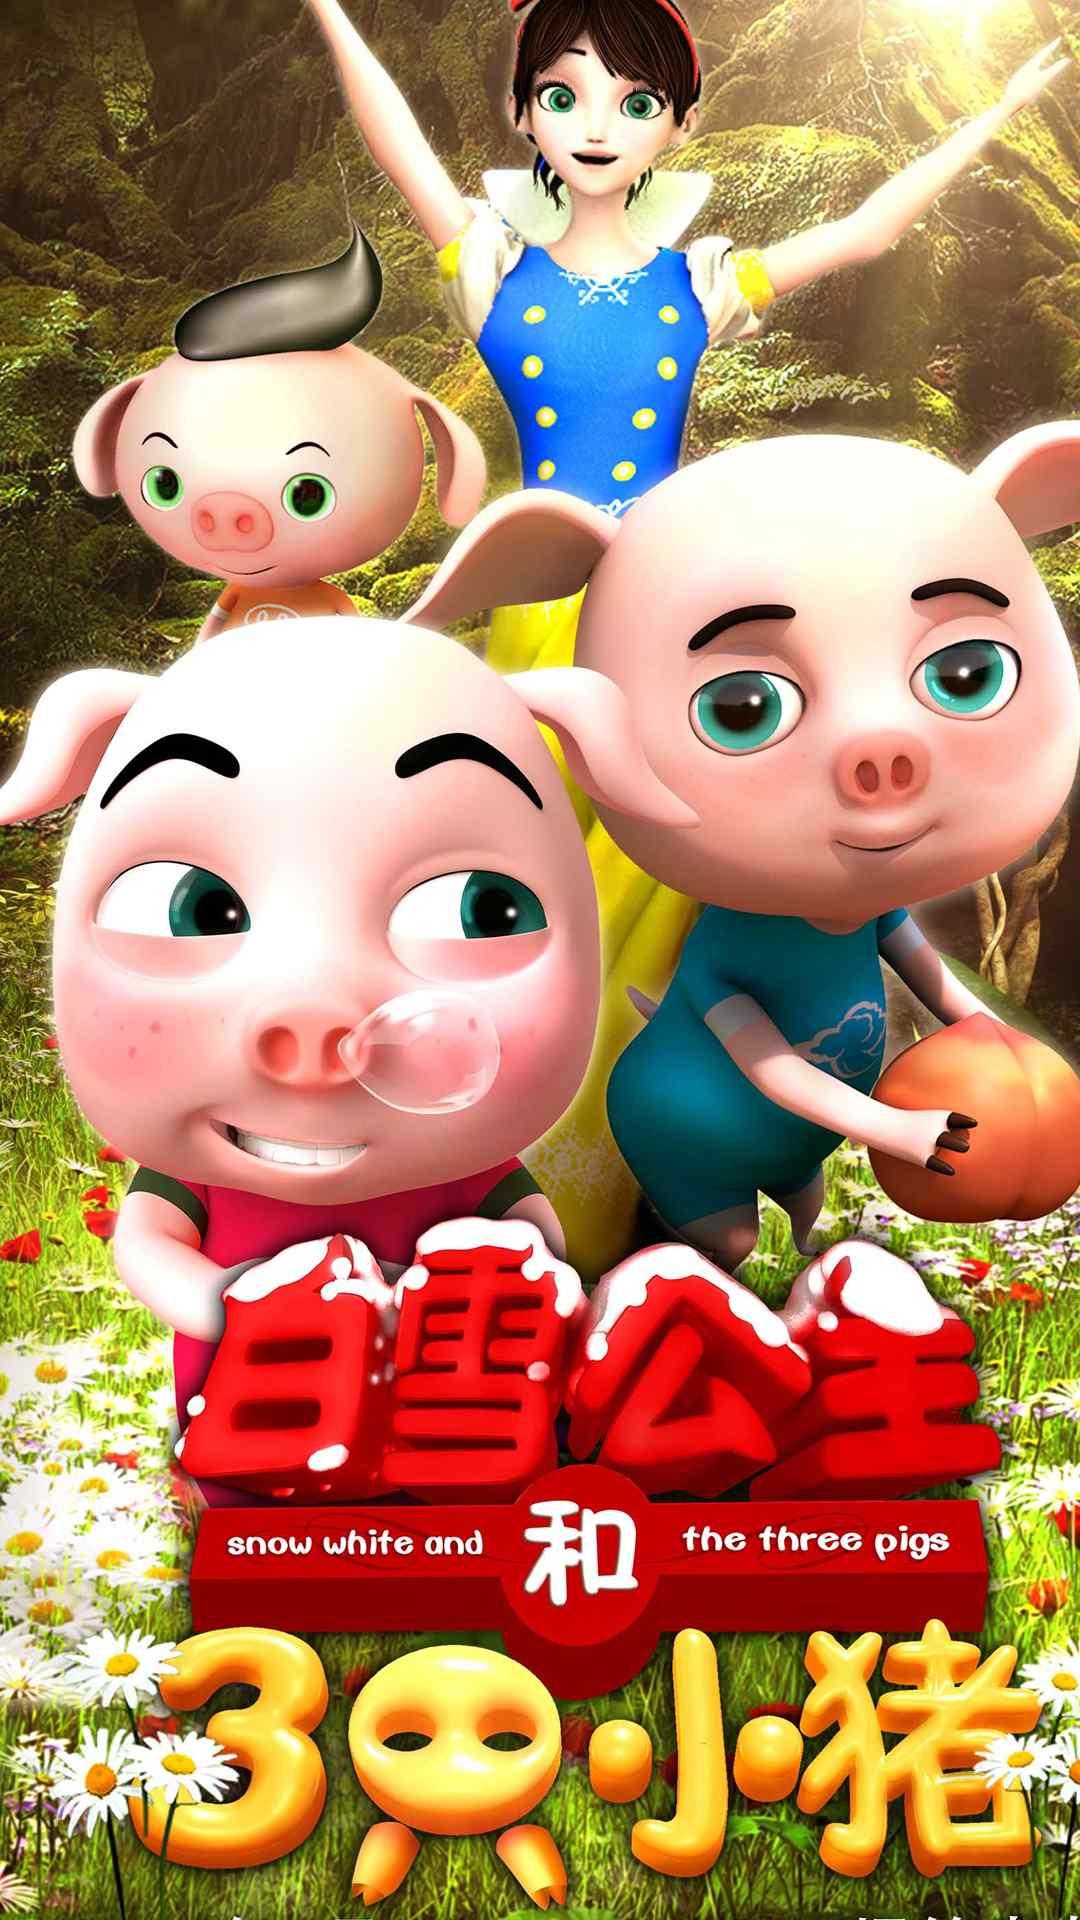 动画 白雪公主与三只小猪 高清手机壁纸图片